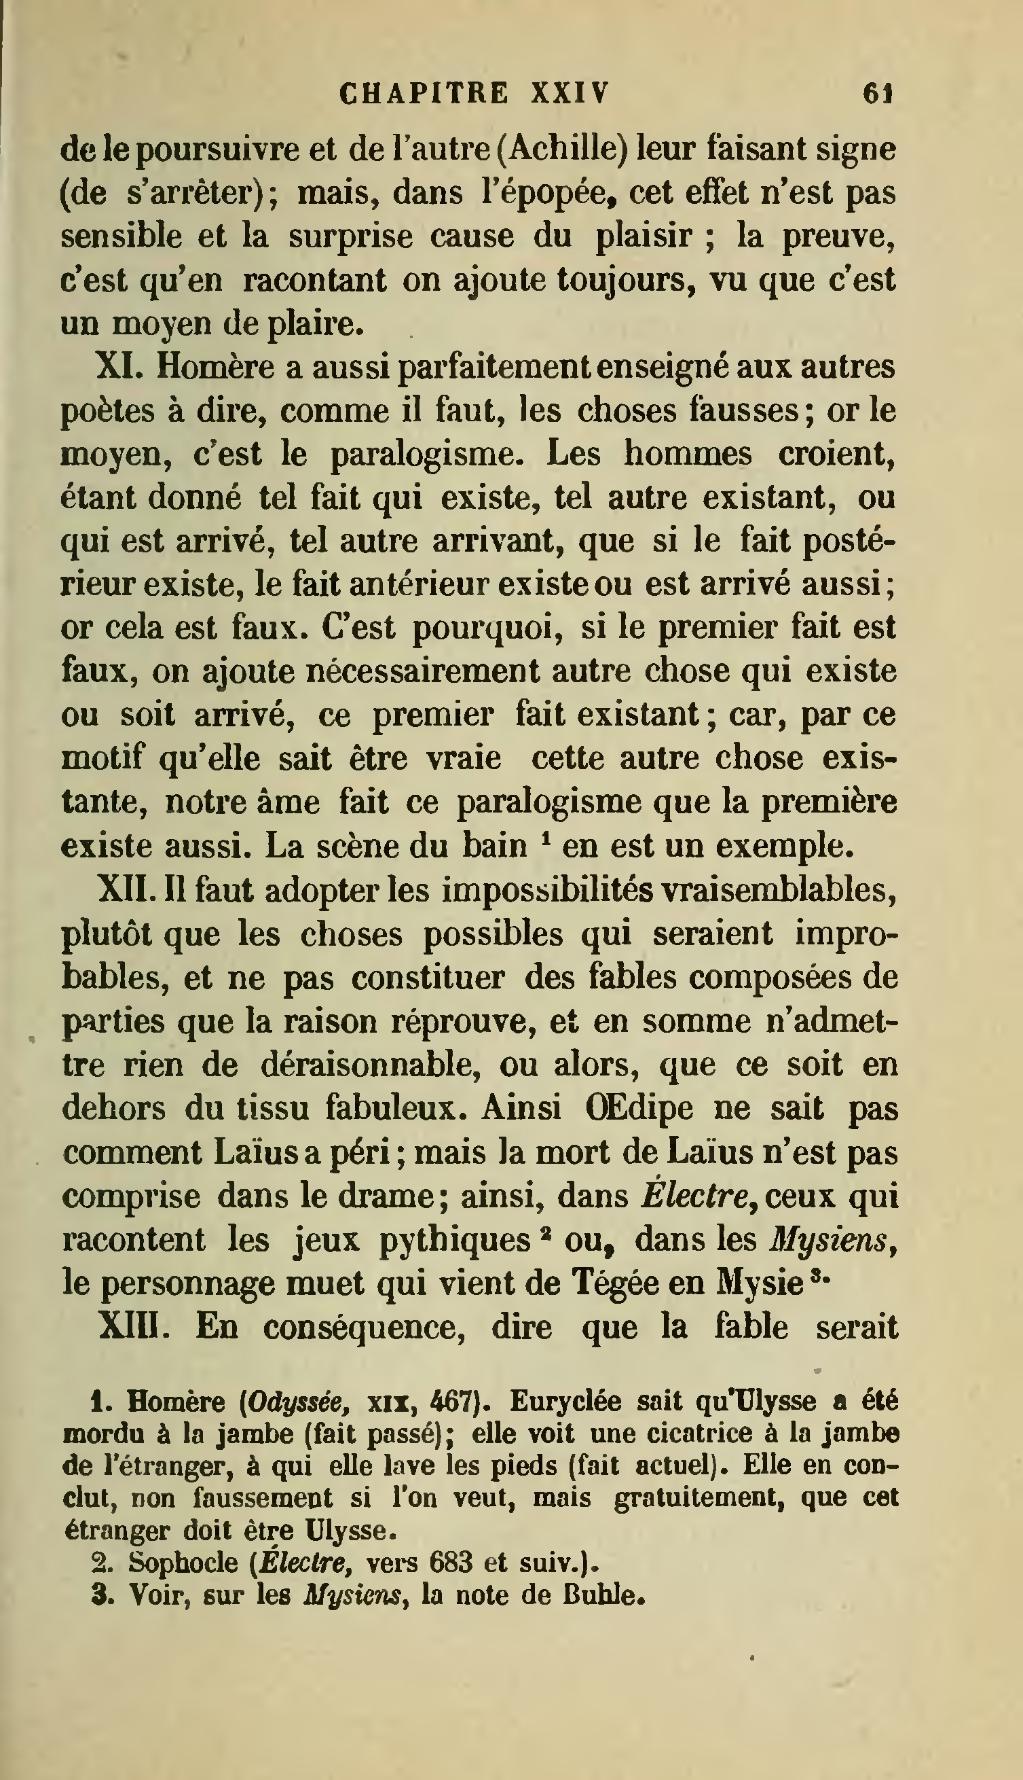 LA ZAD EN L'ÉTROIT TERRITOIRE - L'OUTRE-RÉEL IV.2 Page89-1024px-Aristote_-_Po%C3%A9tique_et_Rh%C3%A9torique%2C_trad._Ruelle.djvu